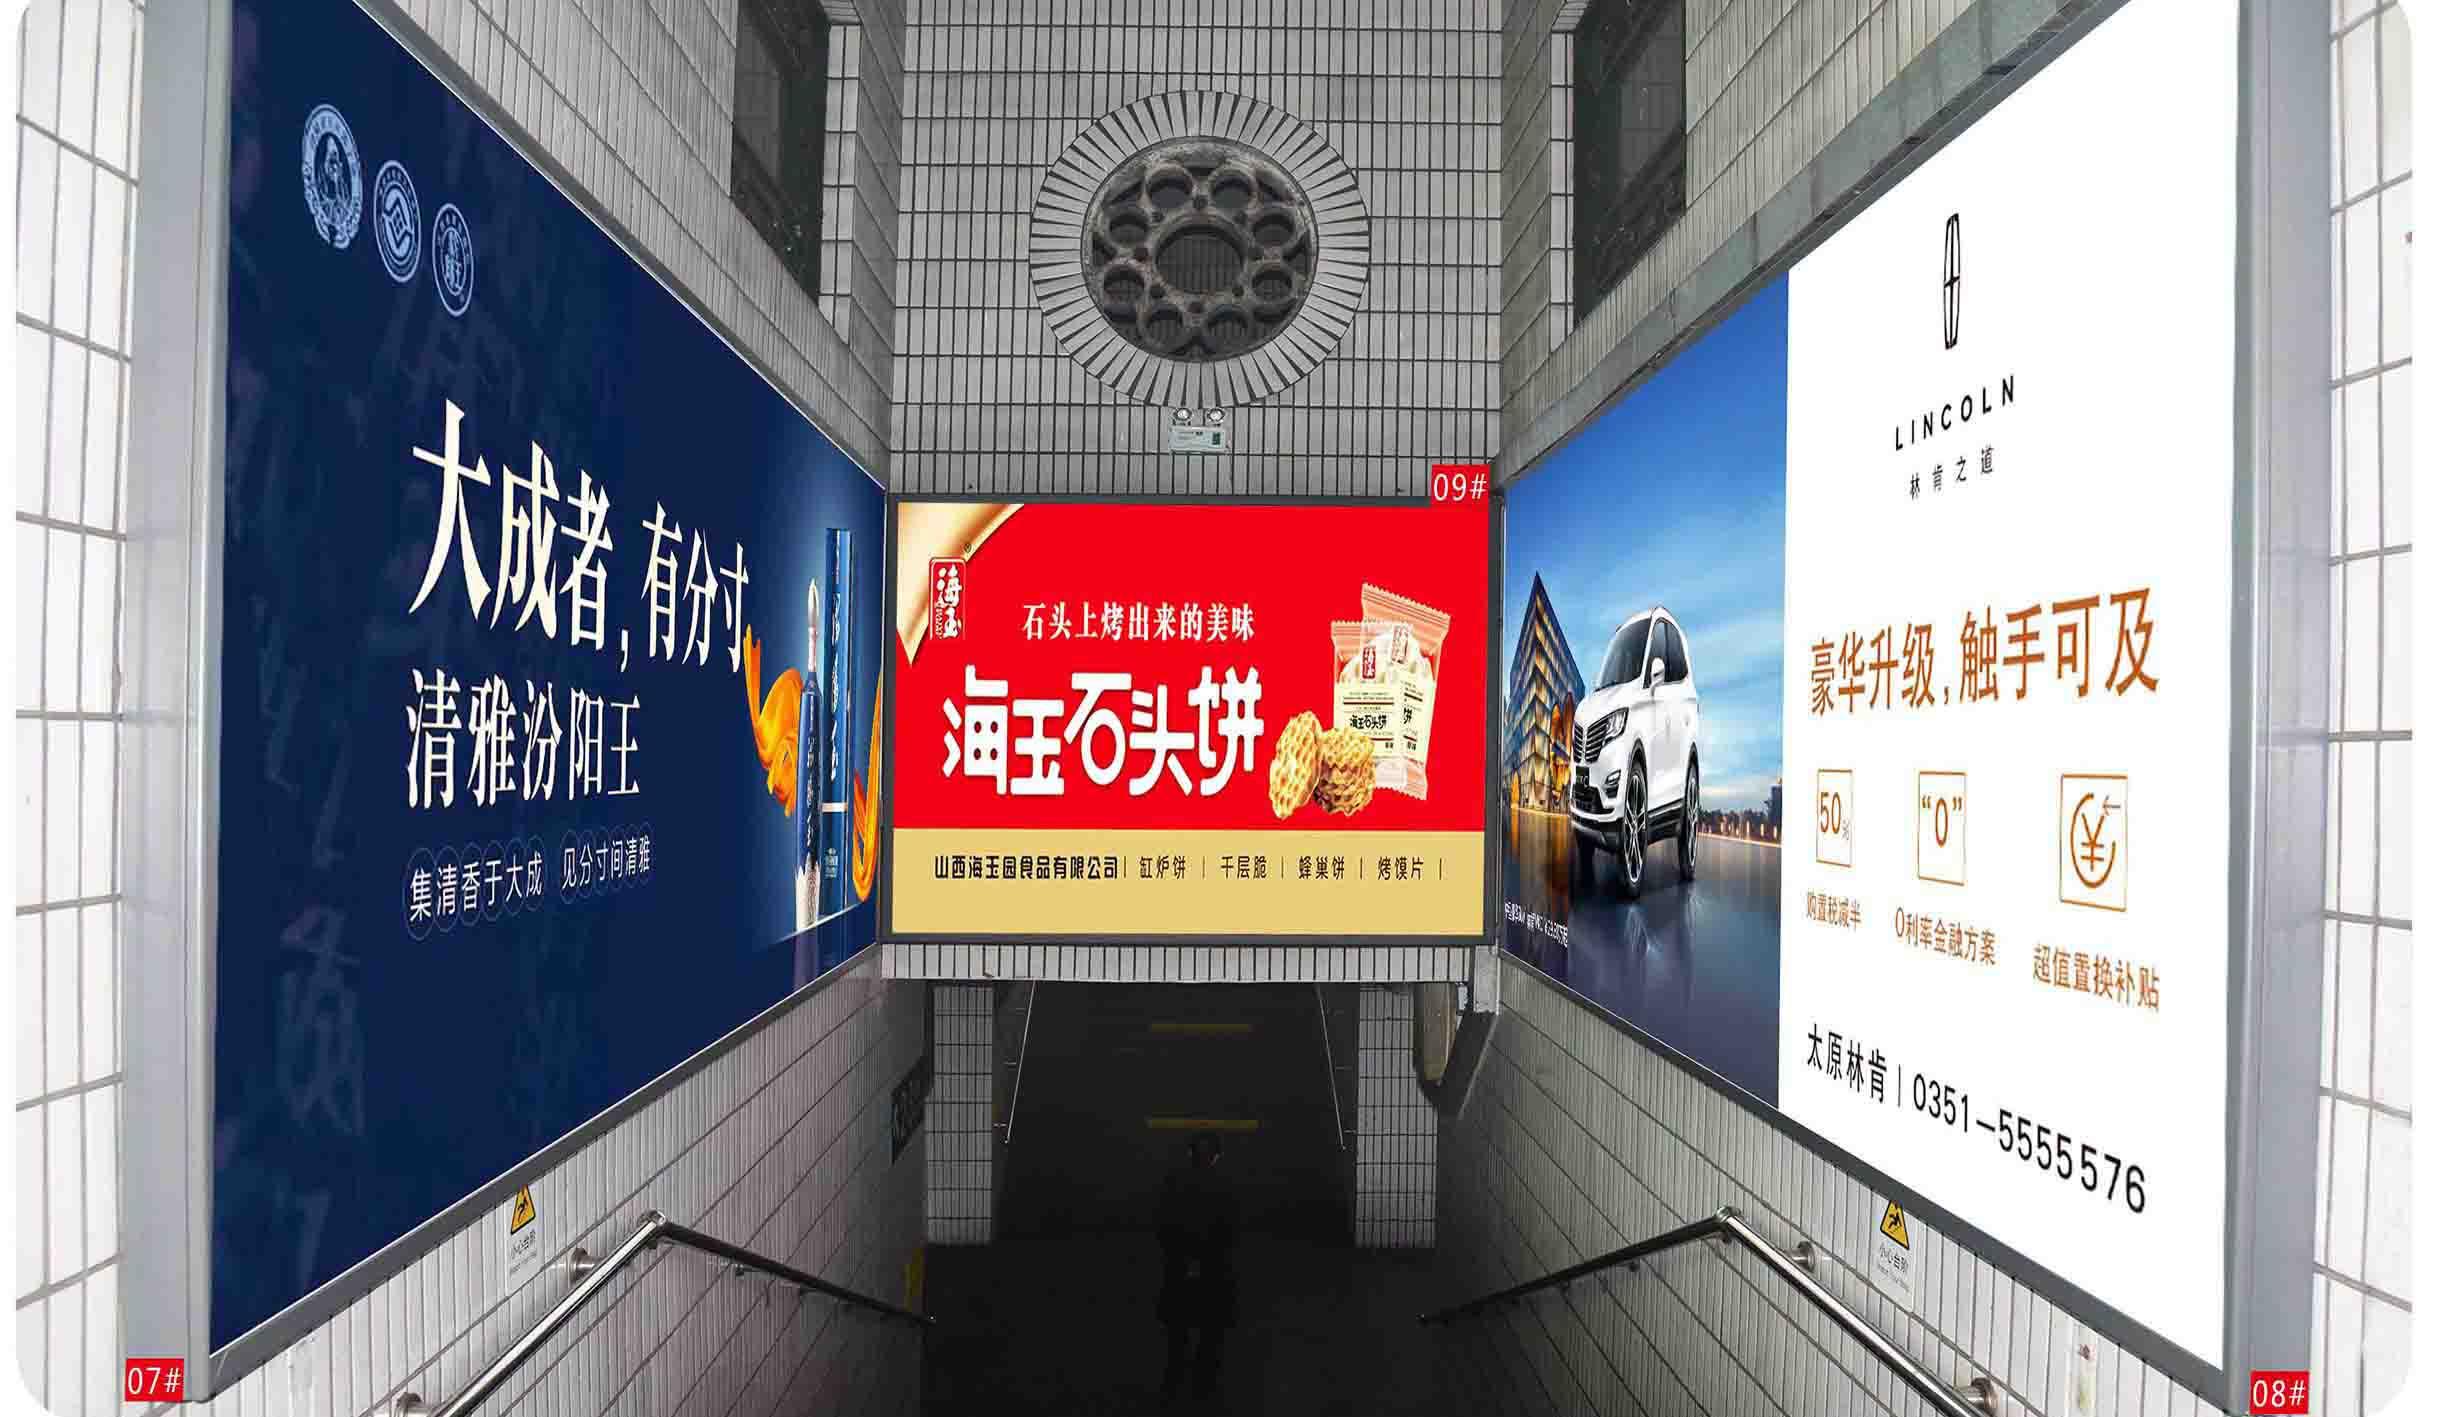 介休火车站2-3站台梯煤灯箱广告7# 、8#、 9#